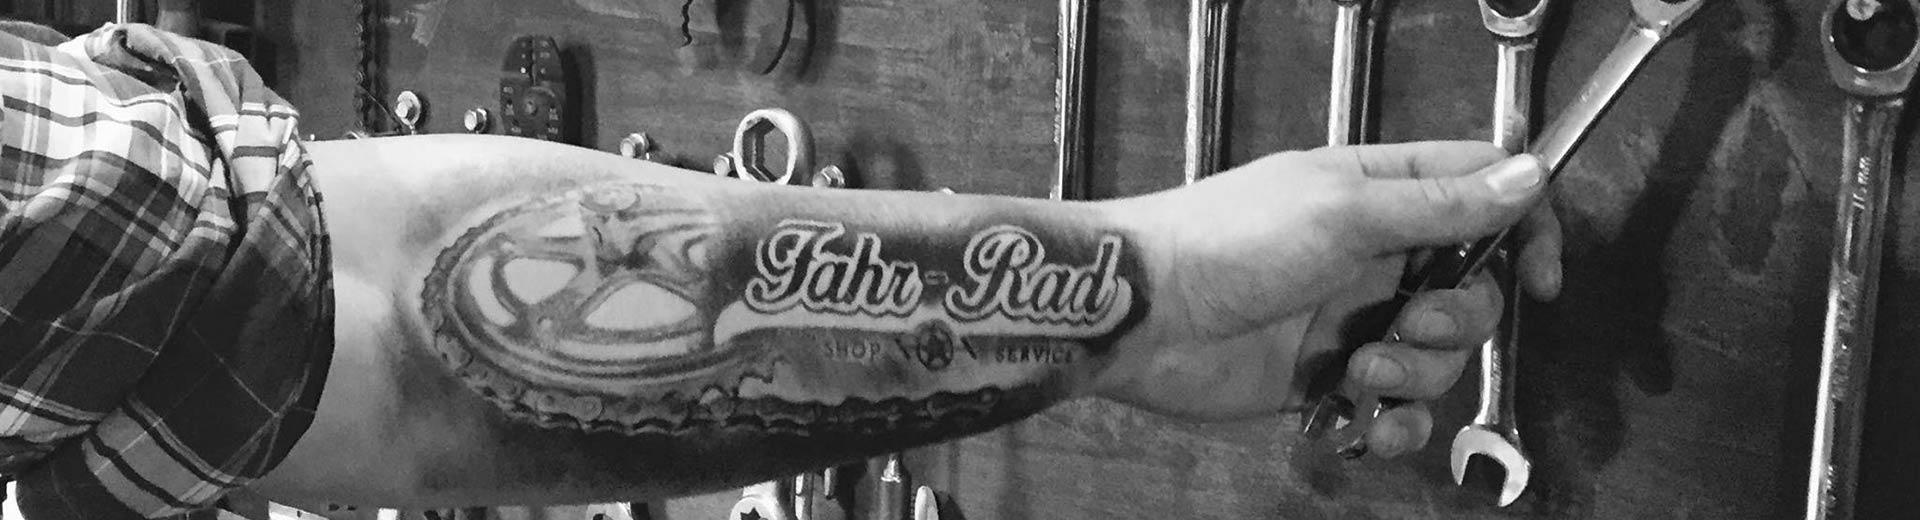 Fahr-Rad Tattoo